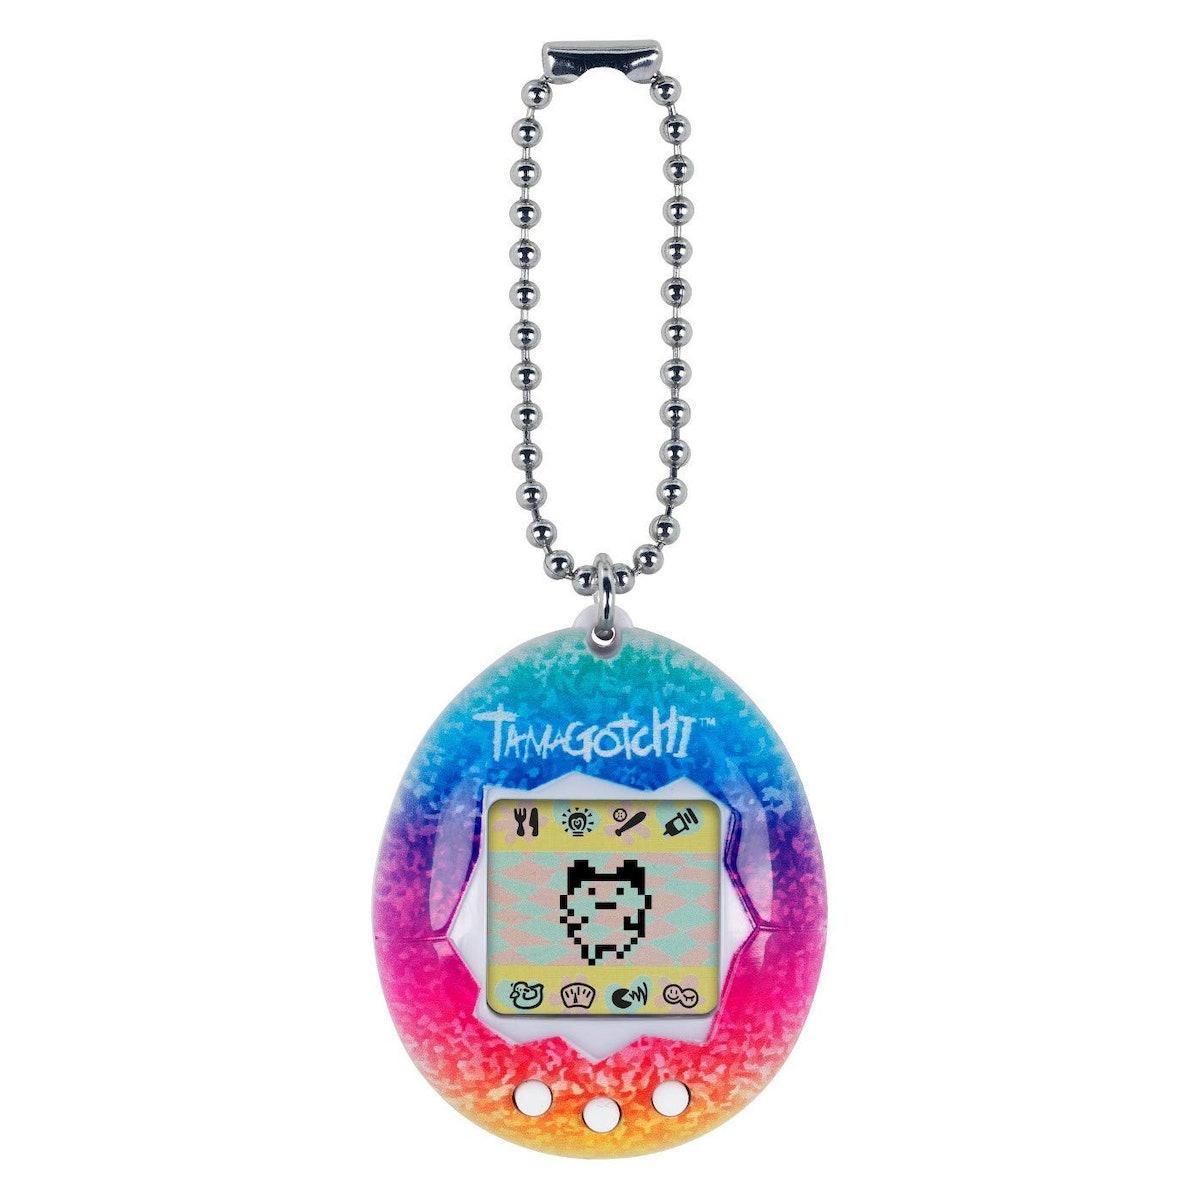 Rainbow Tamagotchi Electronic Game